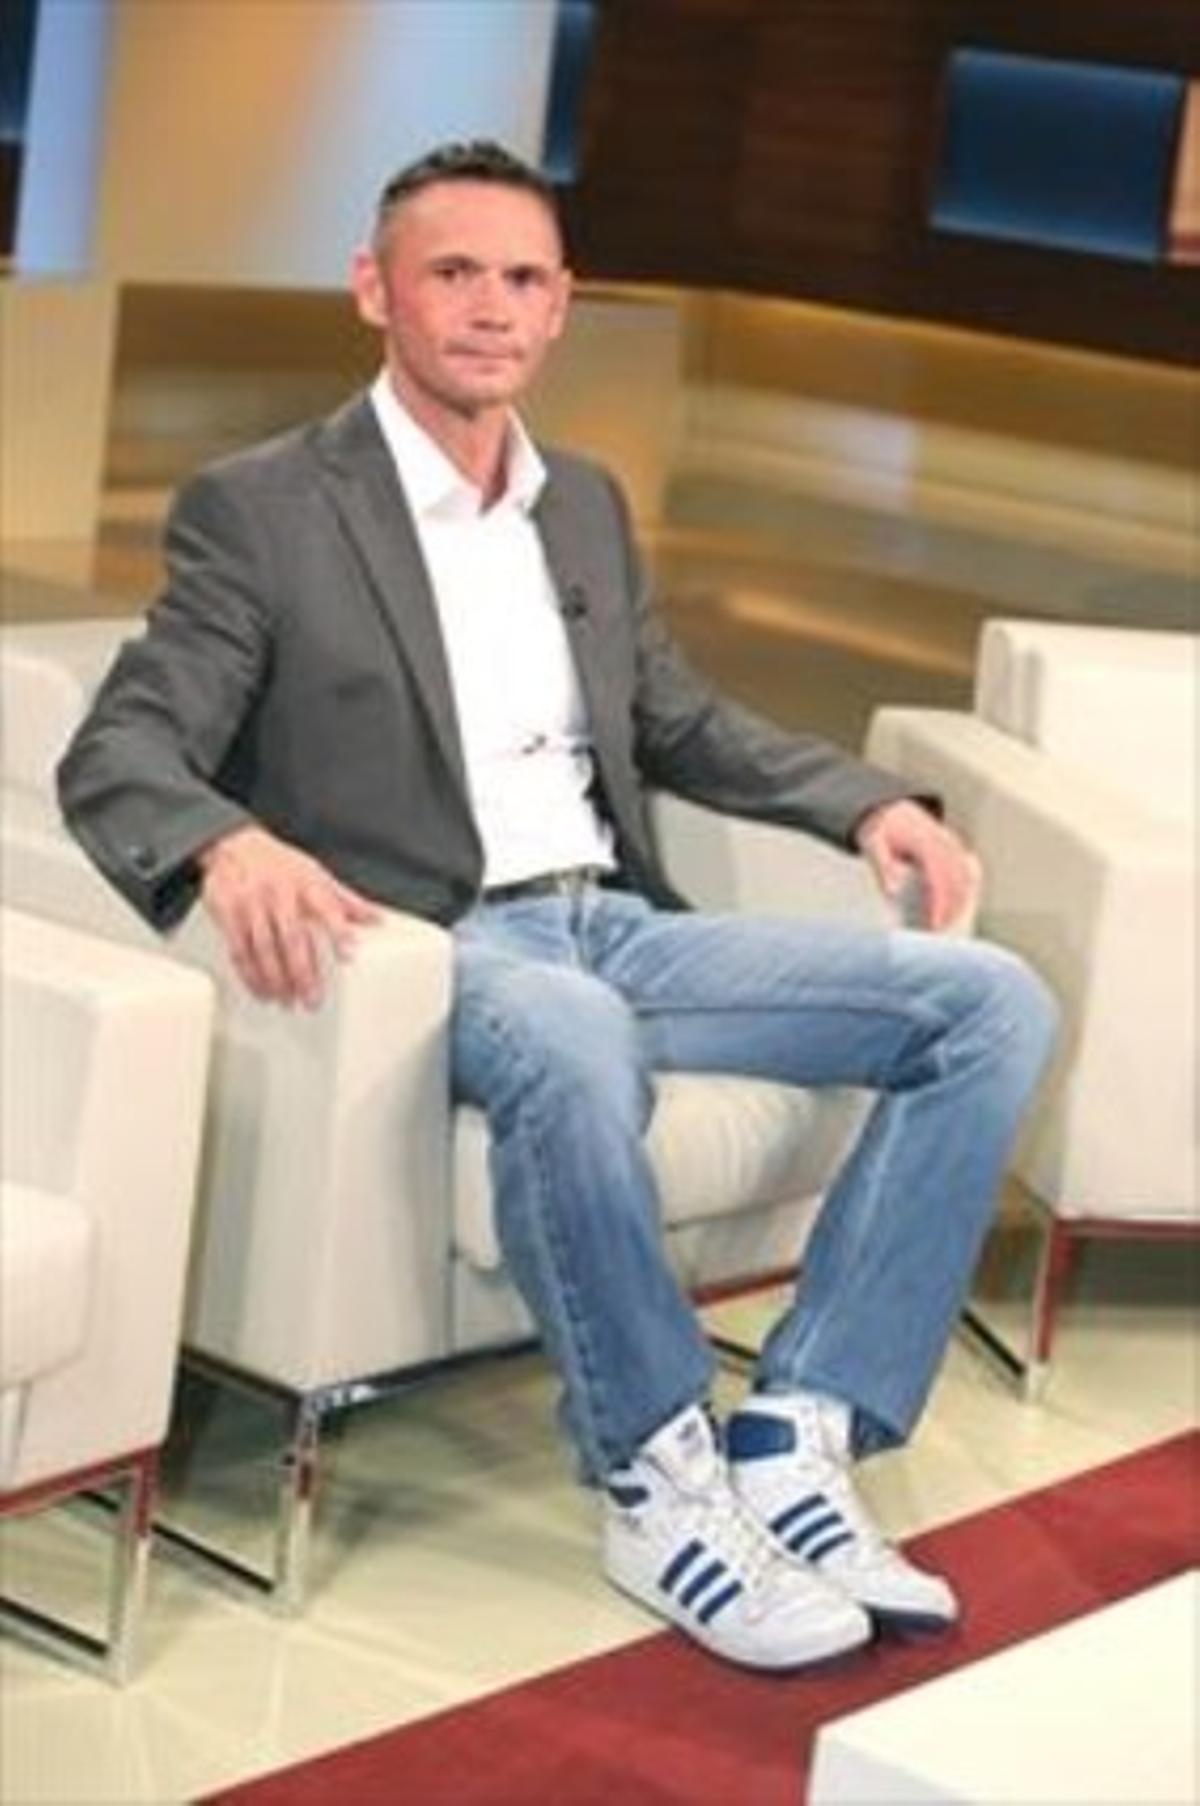 David Berger, en un coloquio en la televisión alemana ARD.